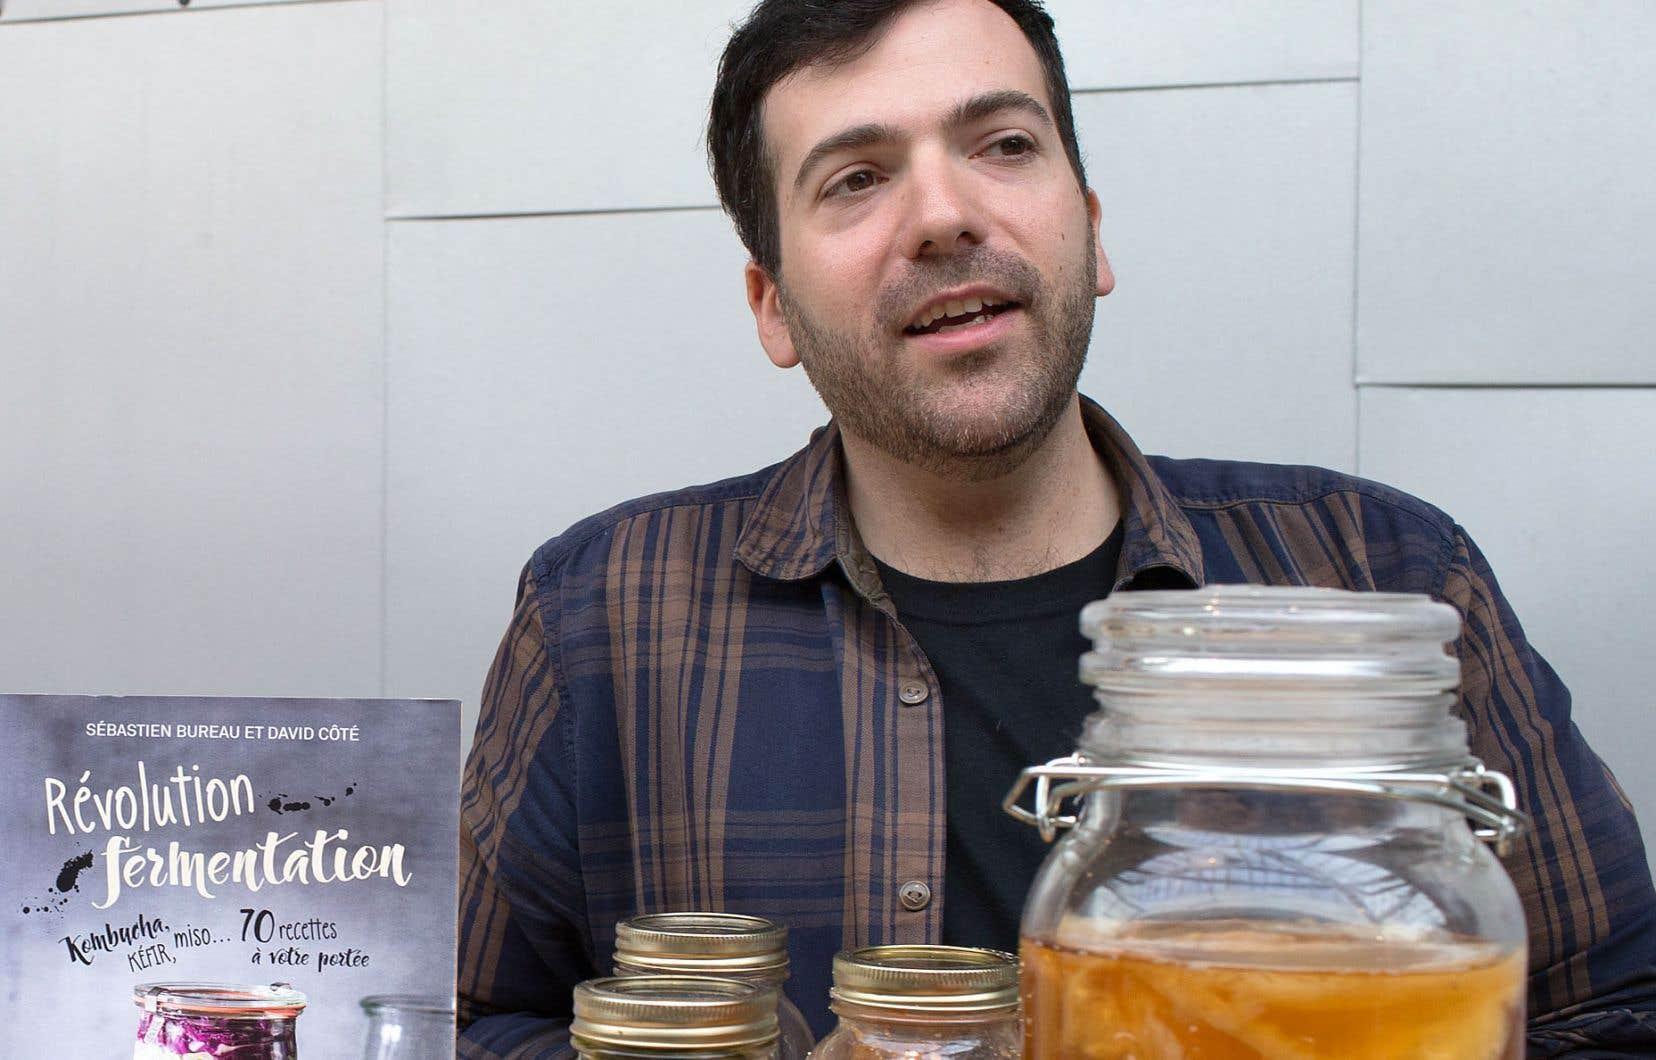 L'arrivée en librairie du livre «Révolution fermentation», de Sébastien Bureau (en photo) et David Côté, a contribué à motiver des fermentateurs amateurs à se lancer dans la production artisanale de boissons fermentées.